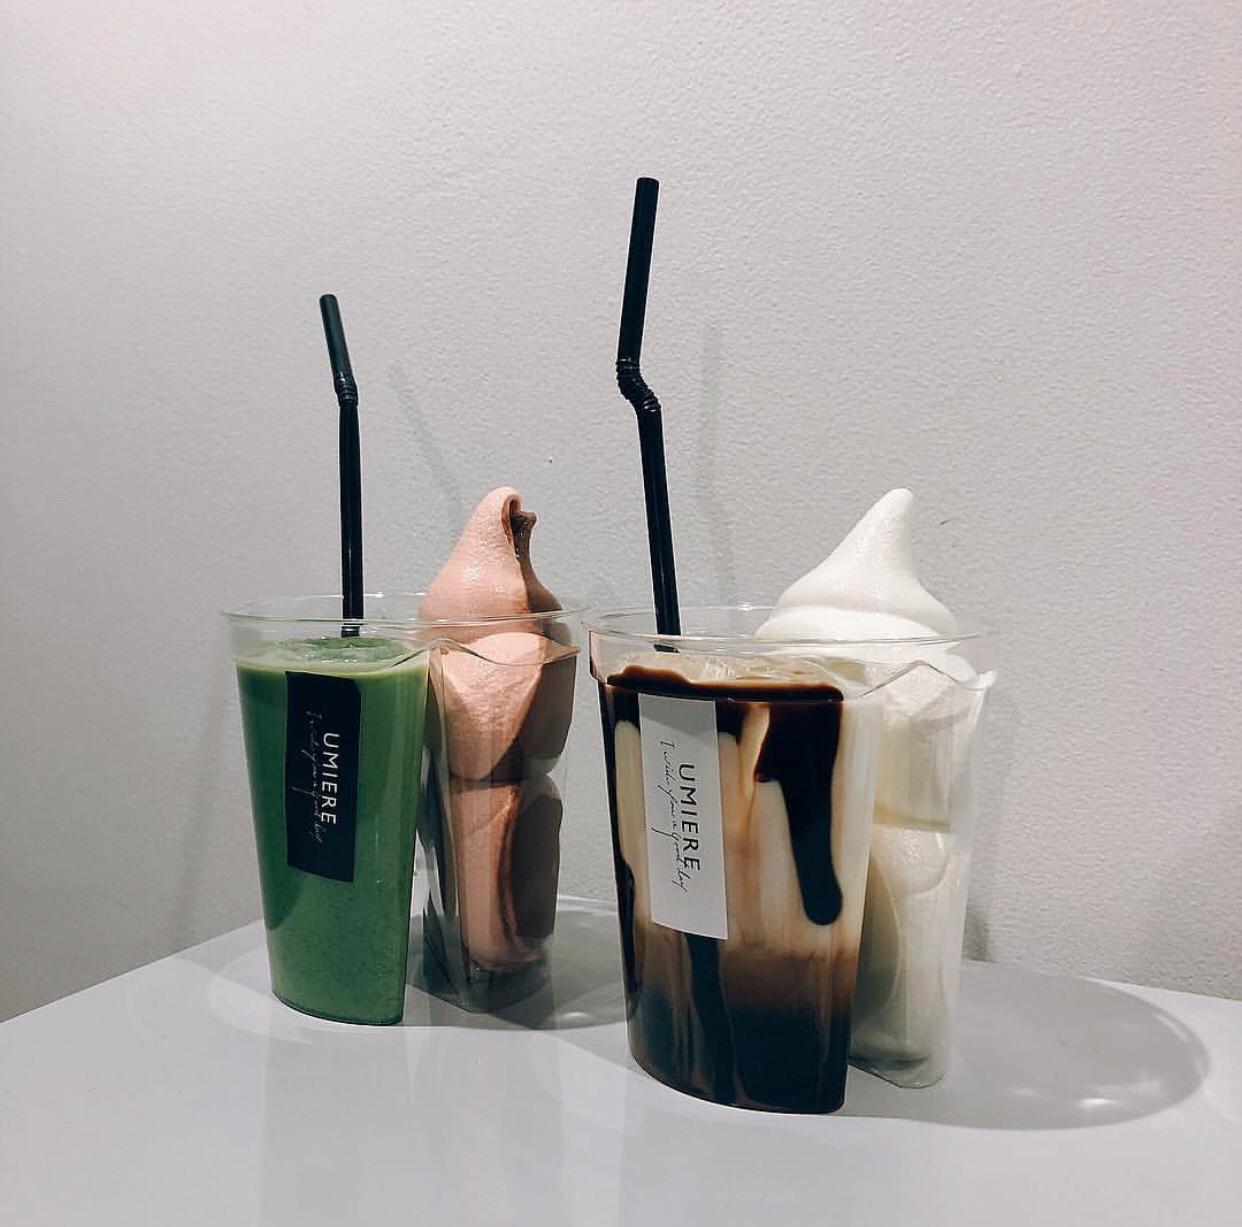 ウミエールでソフトクリームとドリンクを一度に楽しめるスペシャルセットが登場!